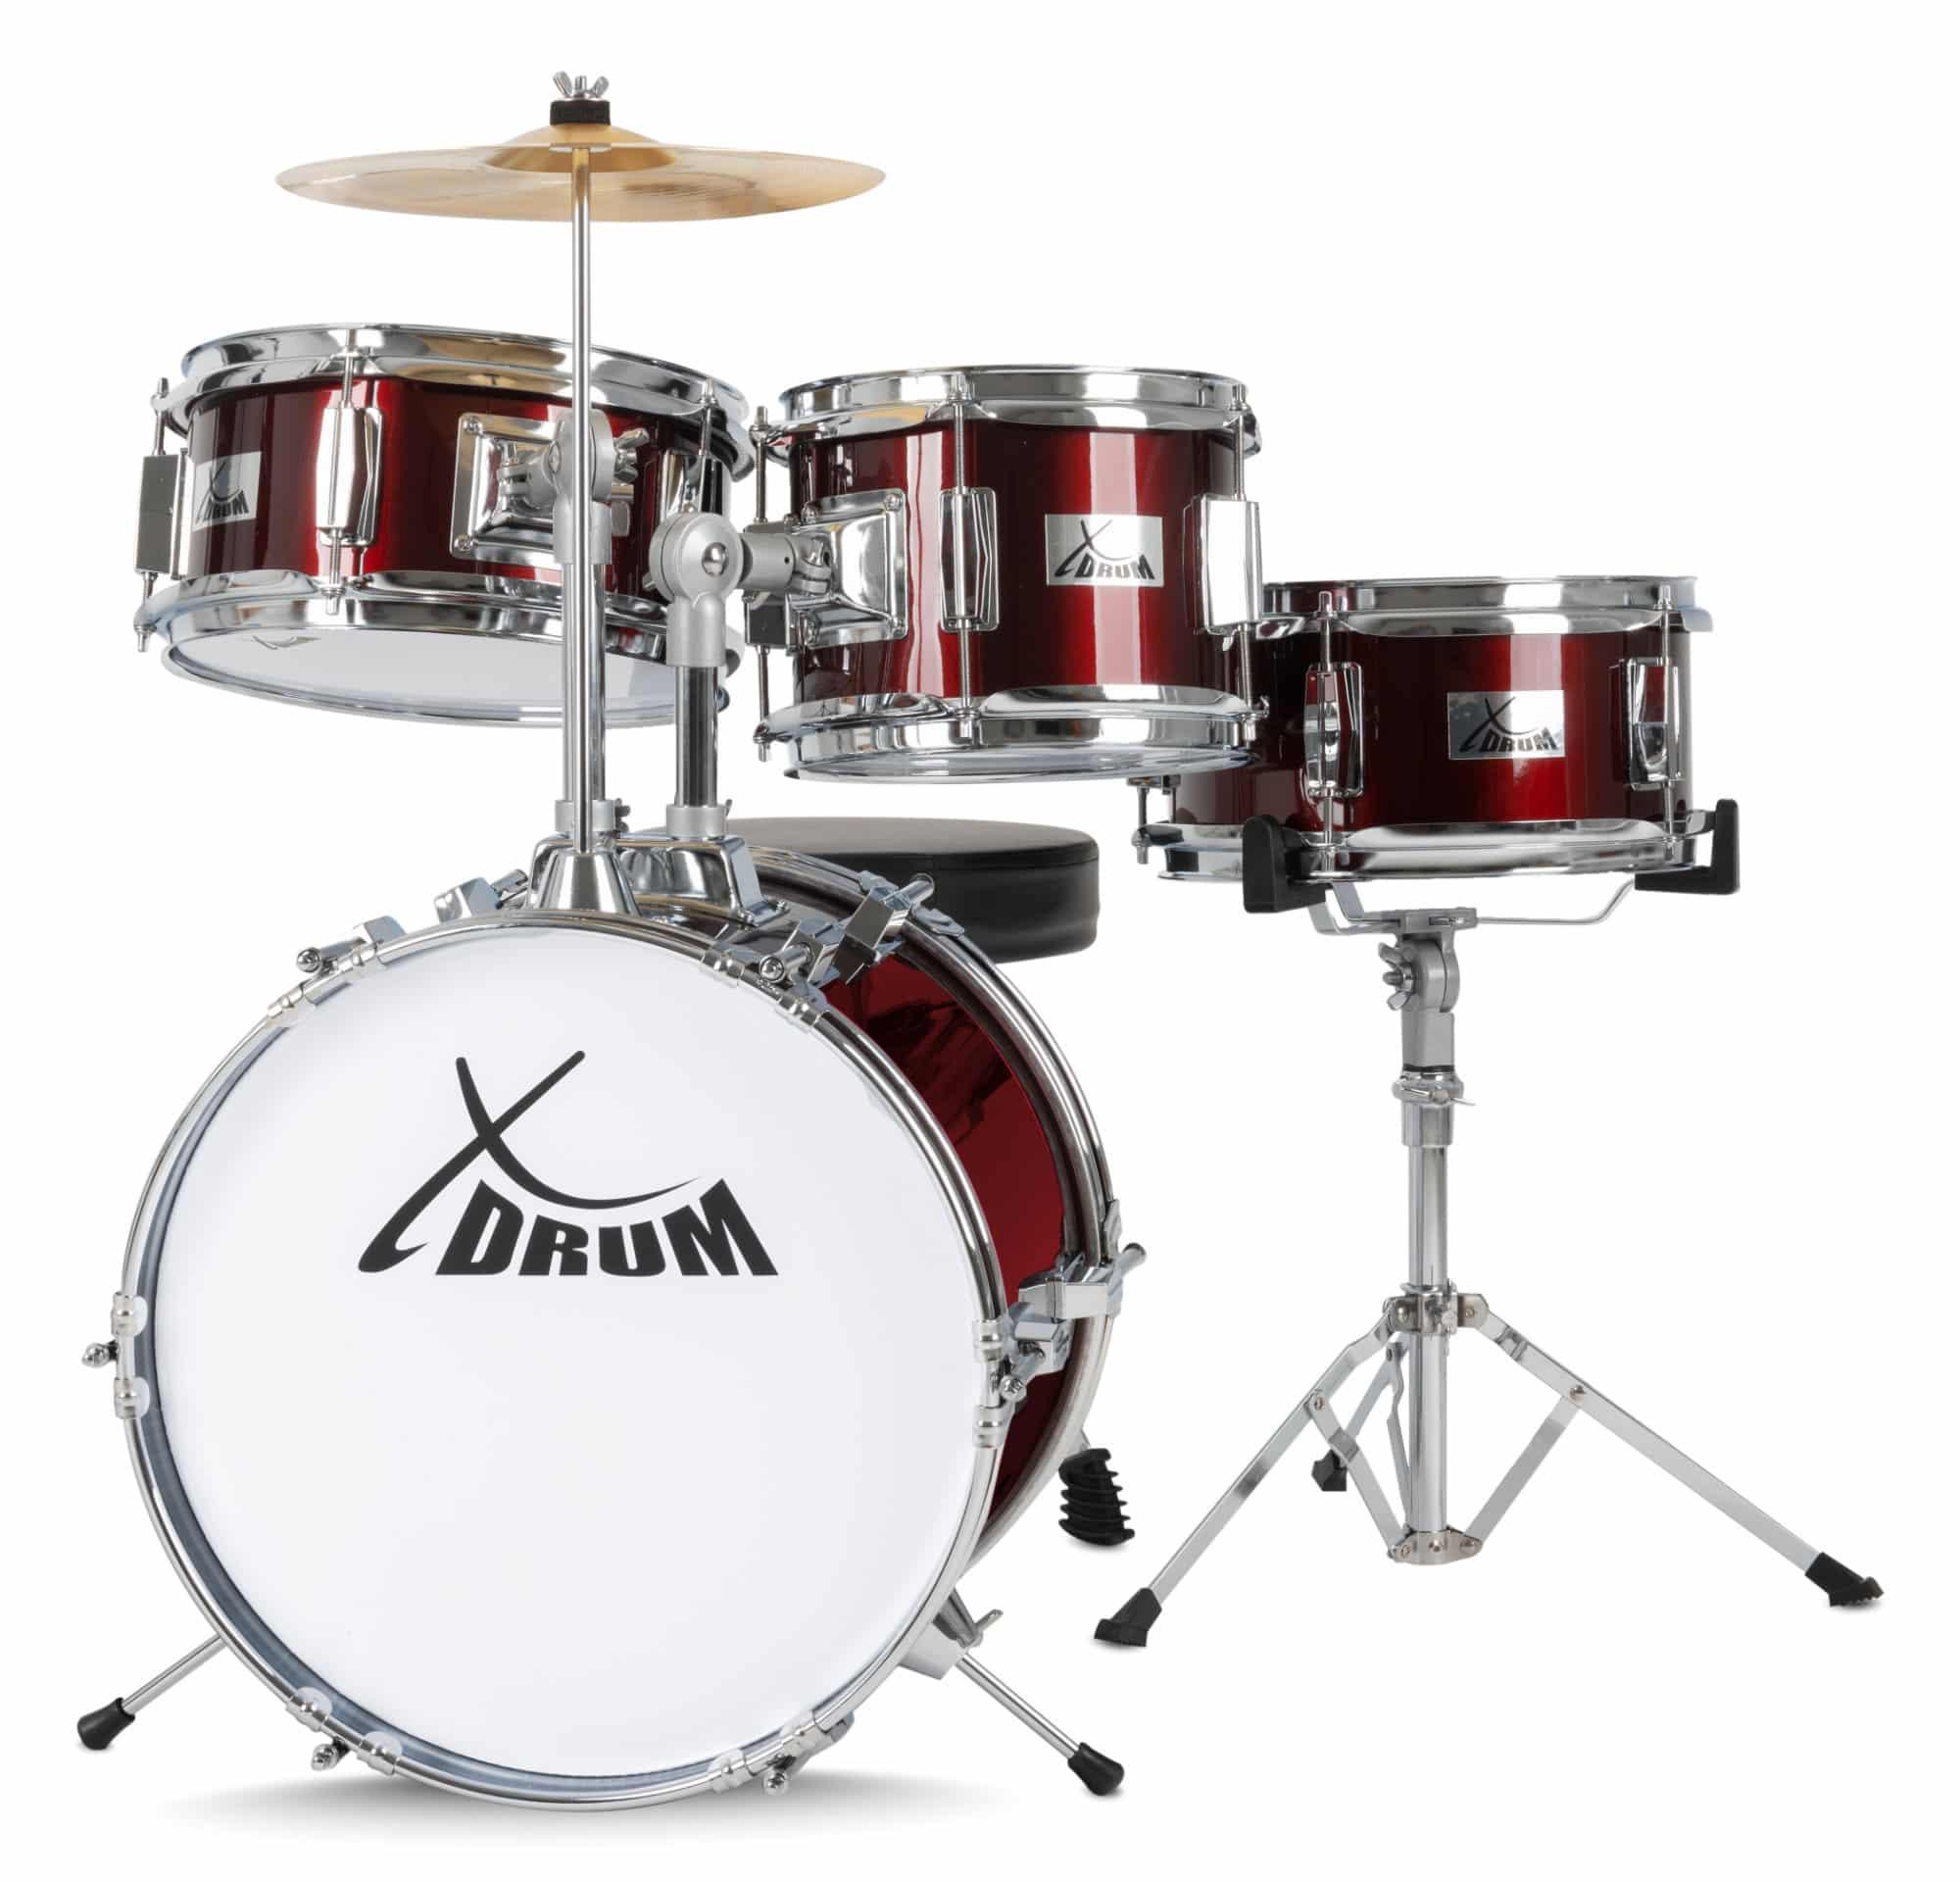 XDrum Junior Kinder Schlagzeug inkl. Schule DVD